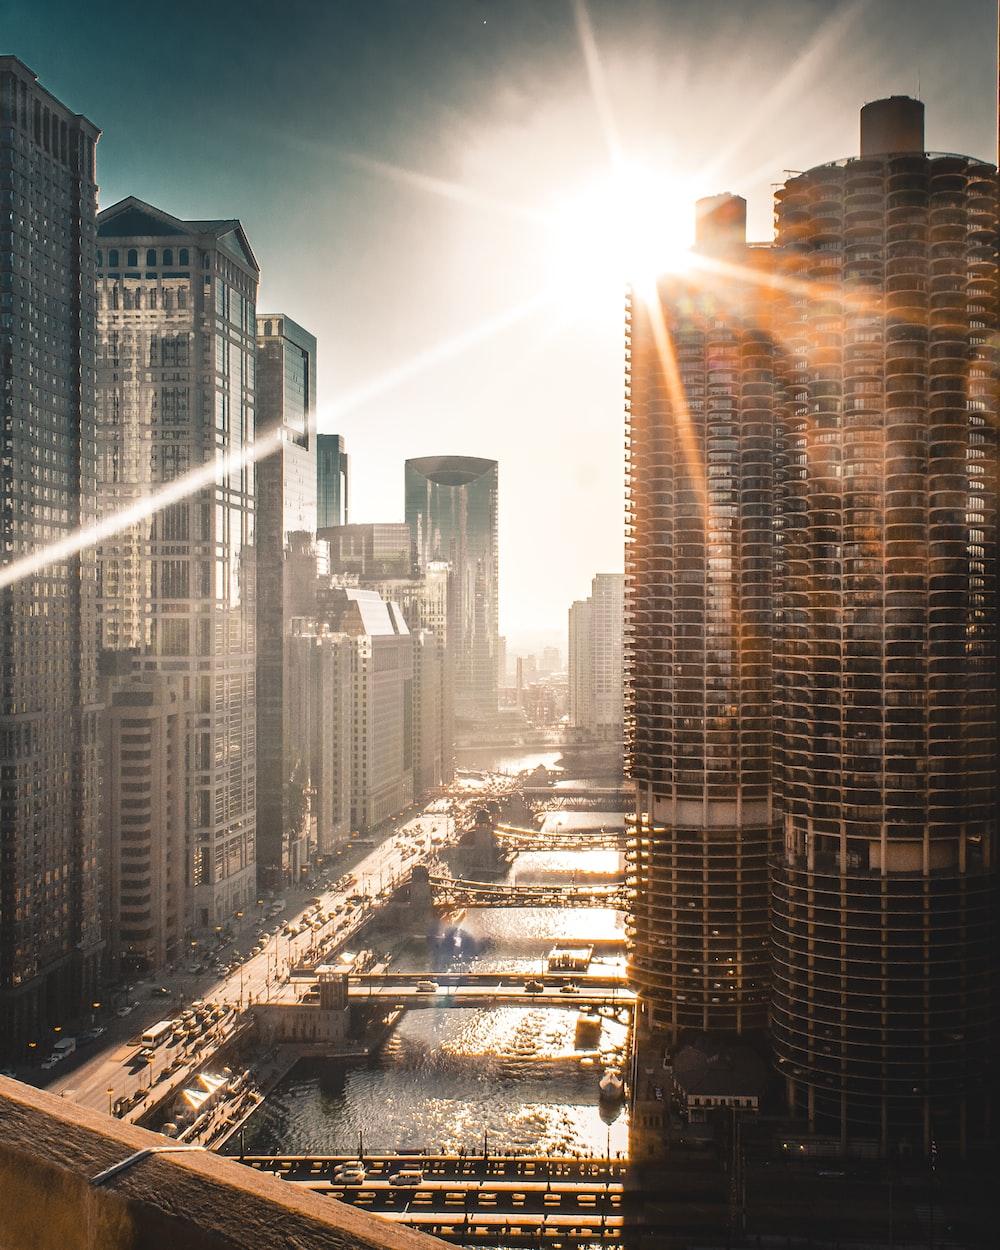 sun raise over the building